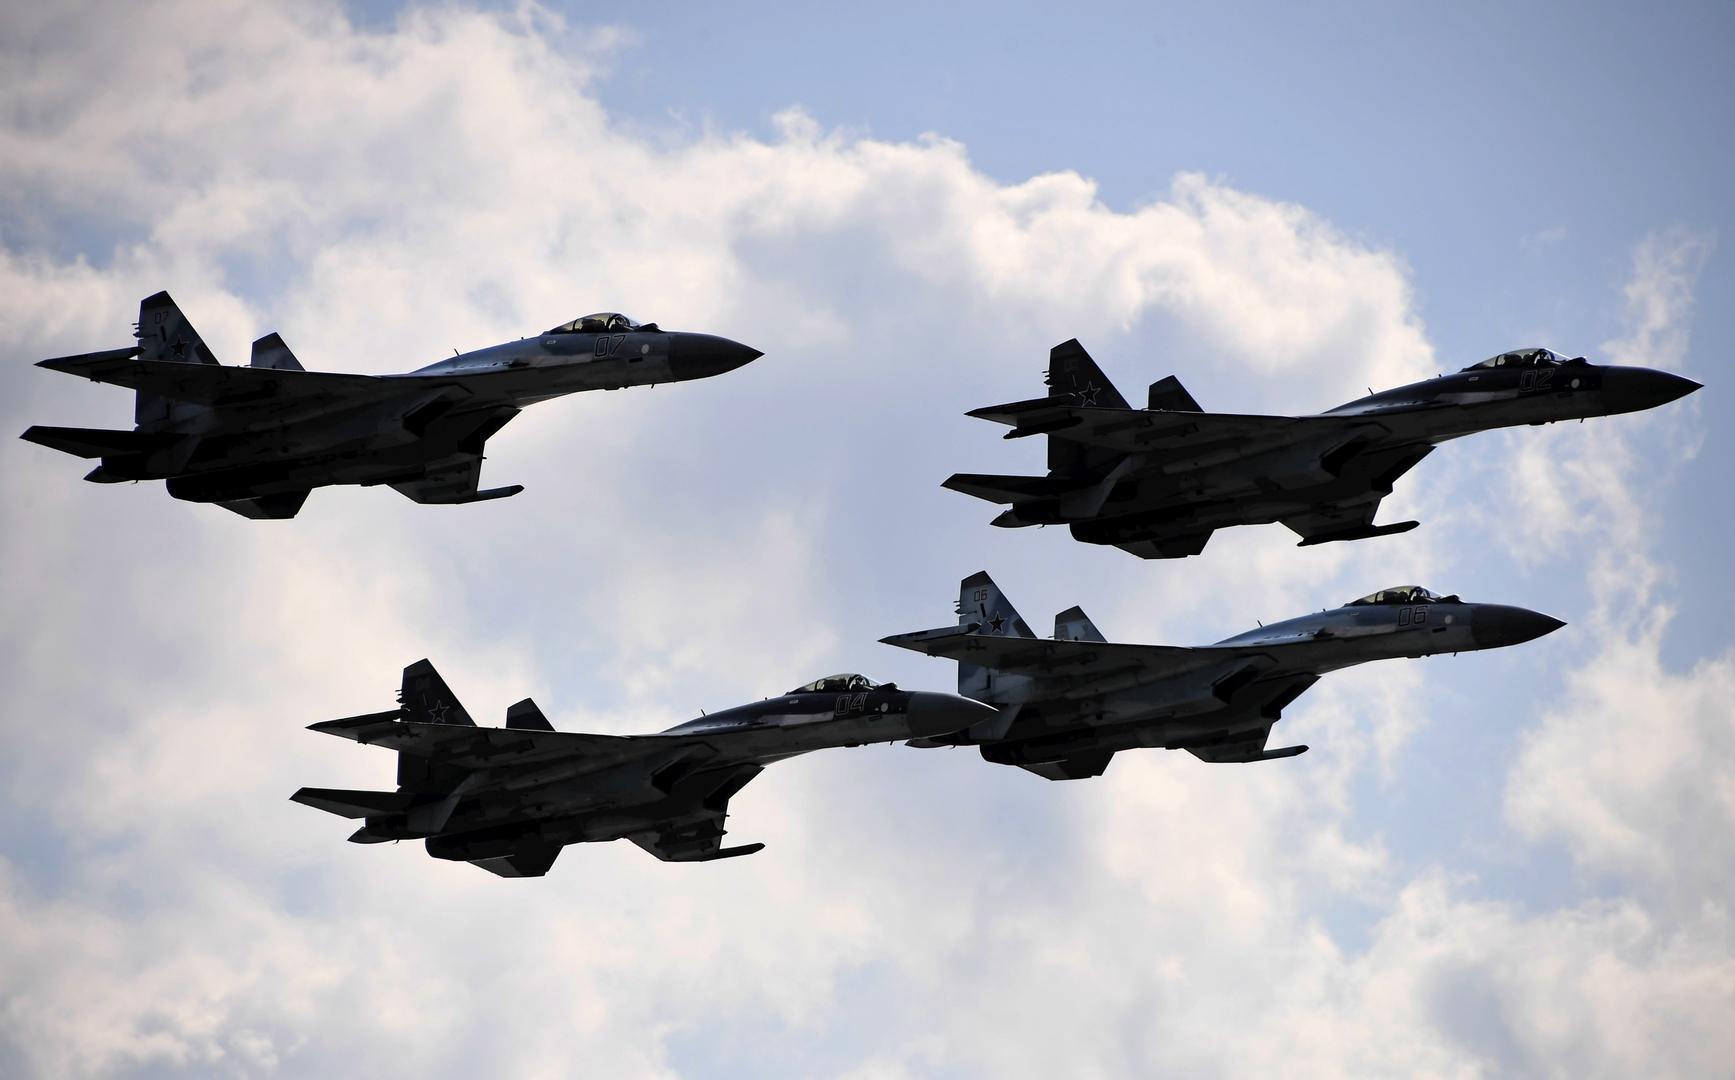 باحث عسكري روسي: مصر والسعودية وتركيا مهتمة بالحصول على مقاتلات